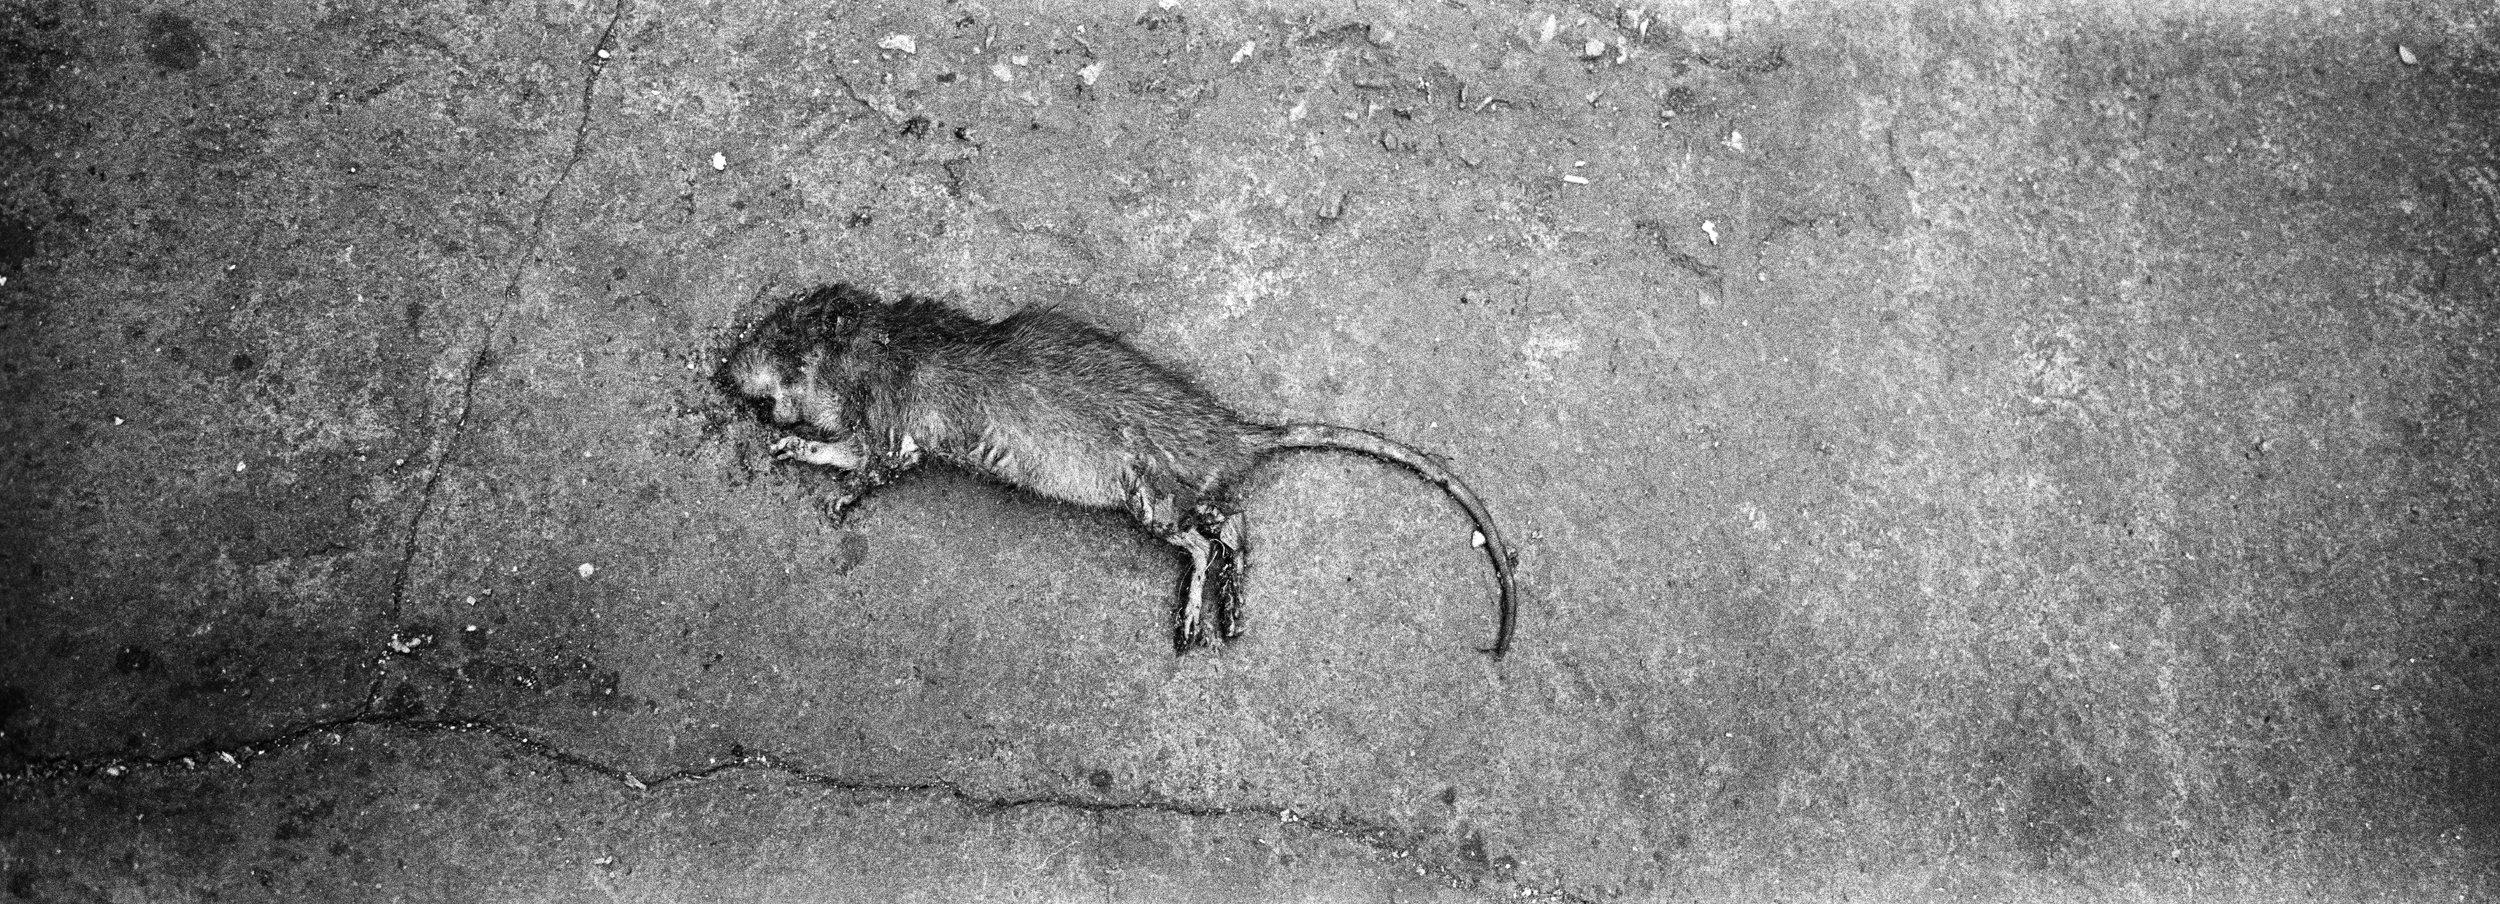 Rigor Mortis Rat #2 Bangkok, Thailand. 2014